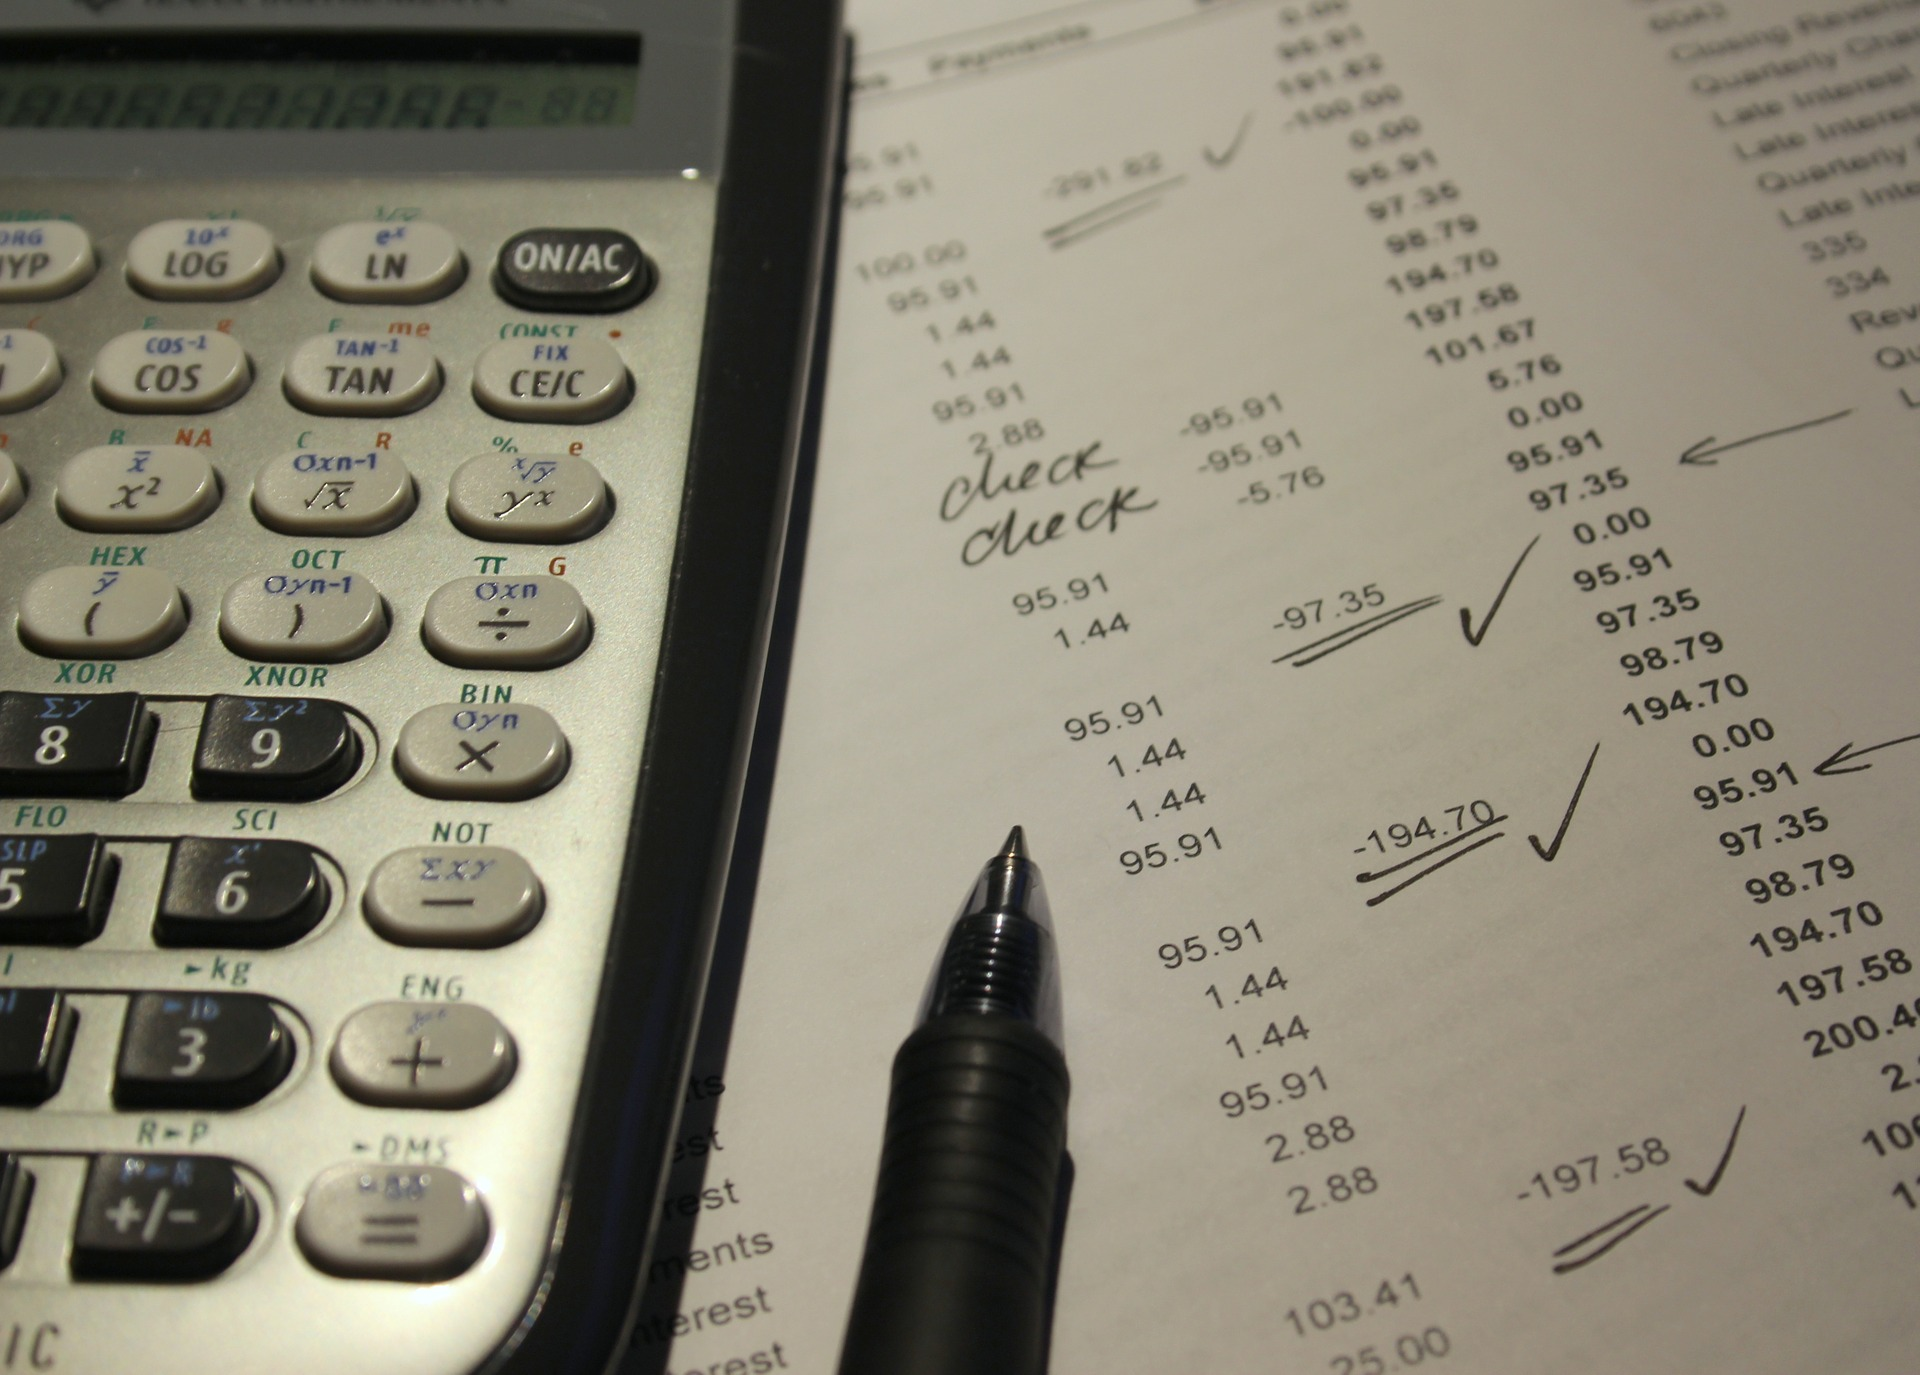 Lav et budget inden du låner penge til forbrug